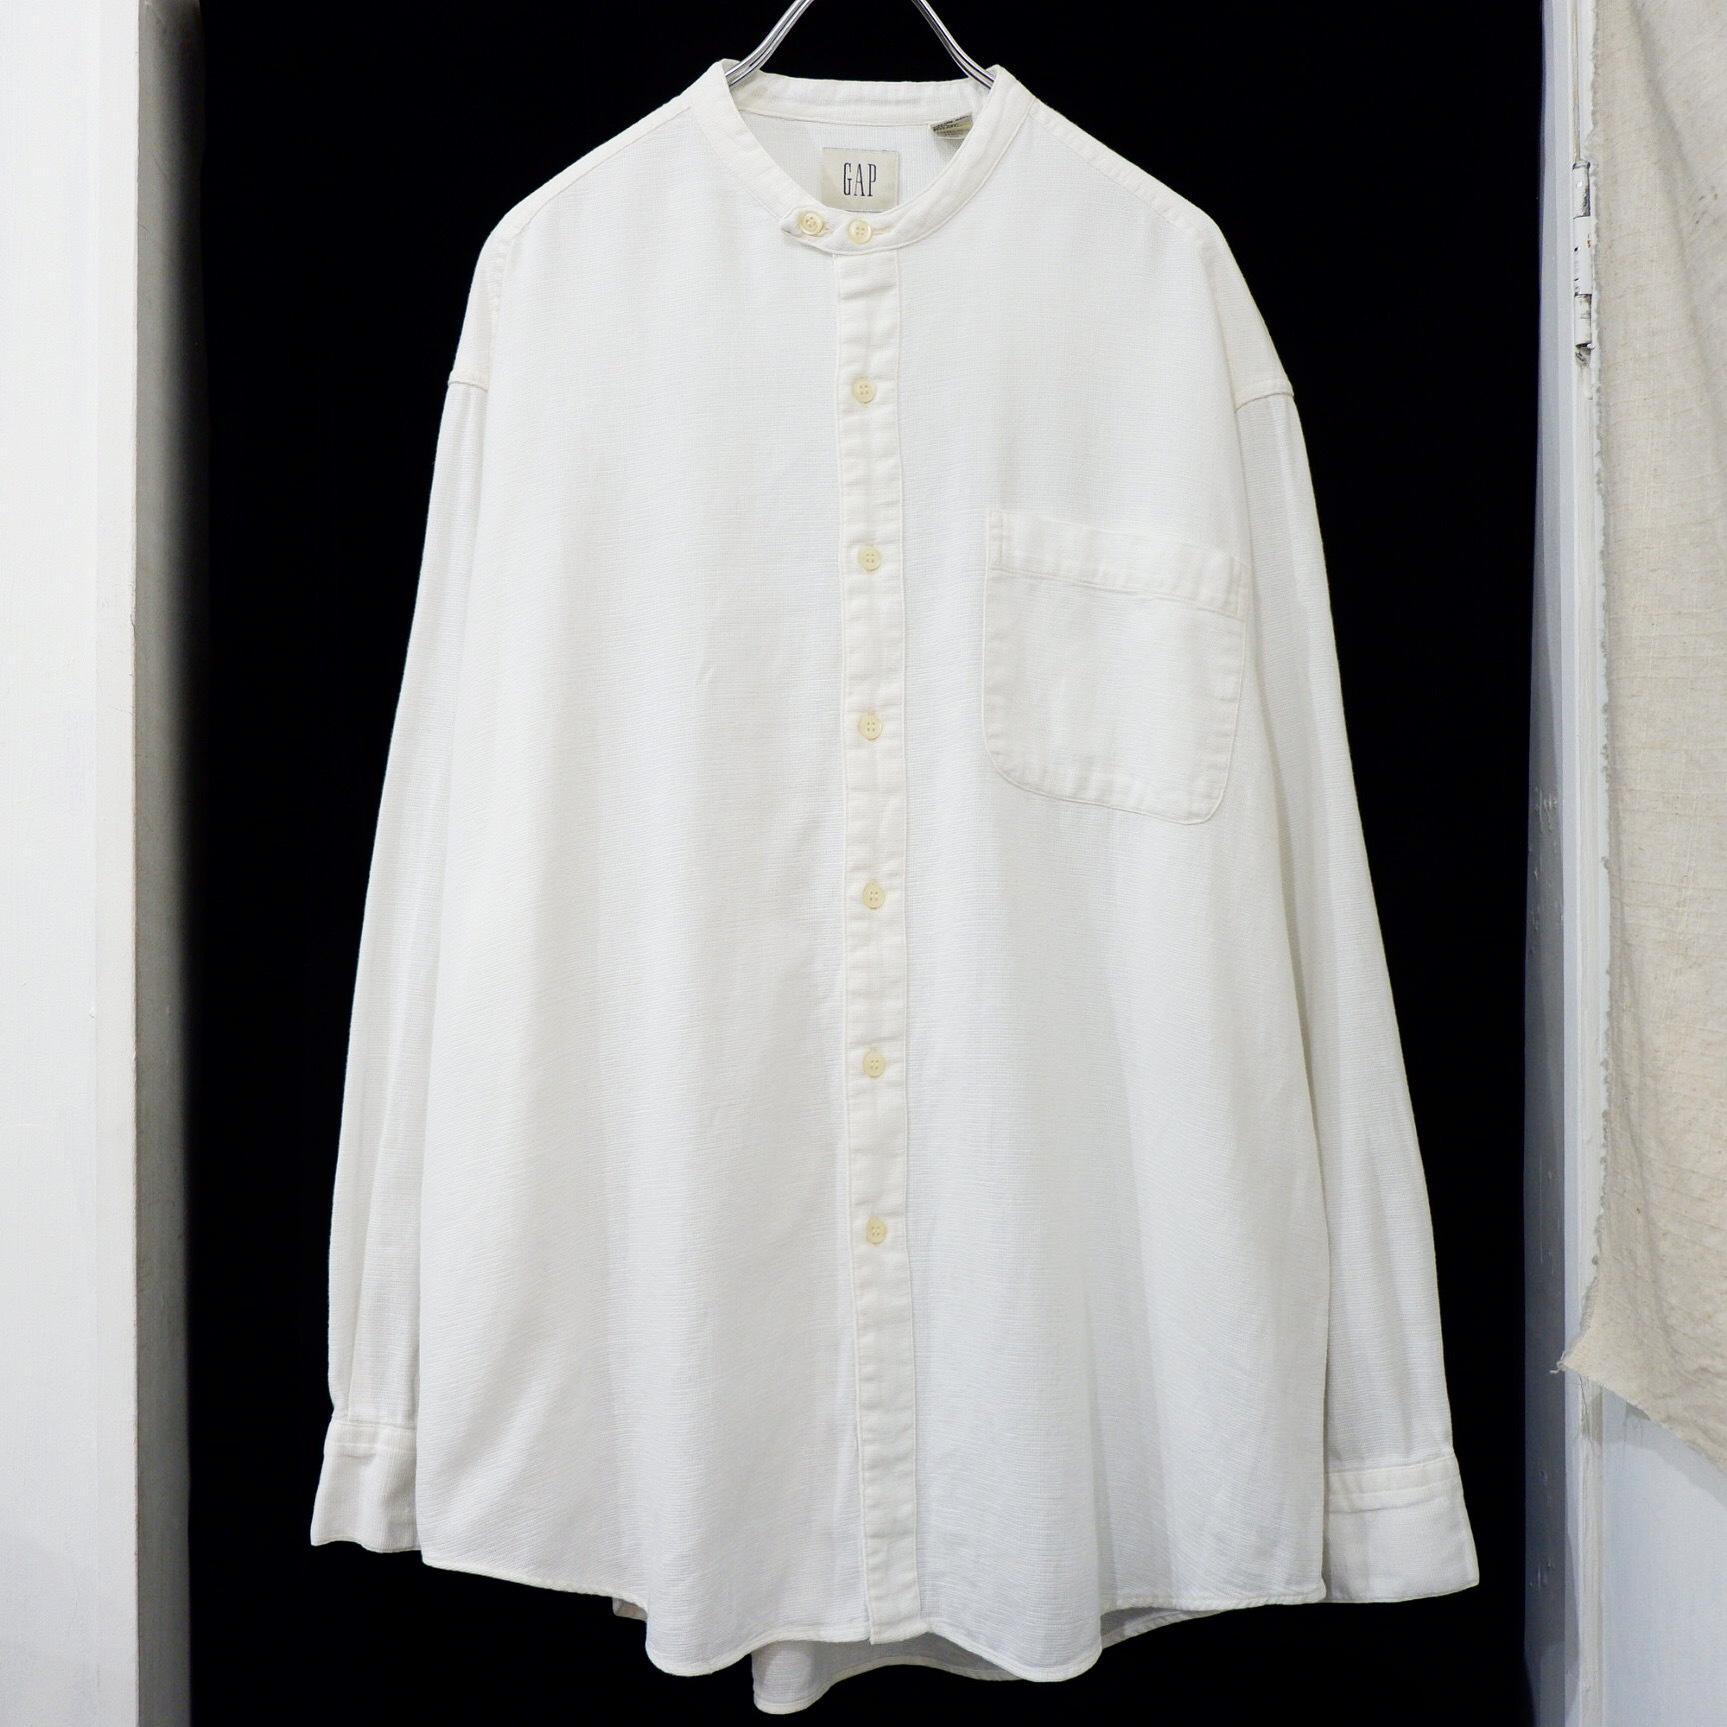 アメリカ古着 1990s old GAP コットン × リネン バンドカラーシャツ